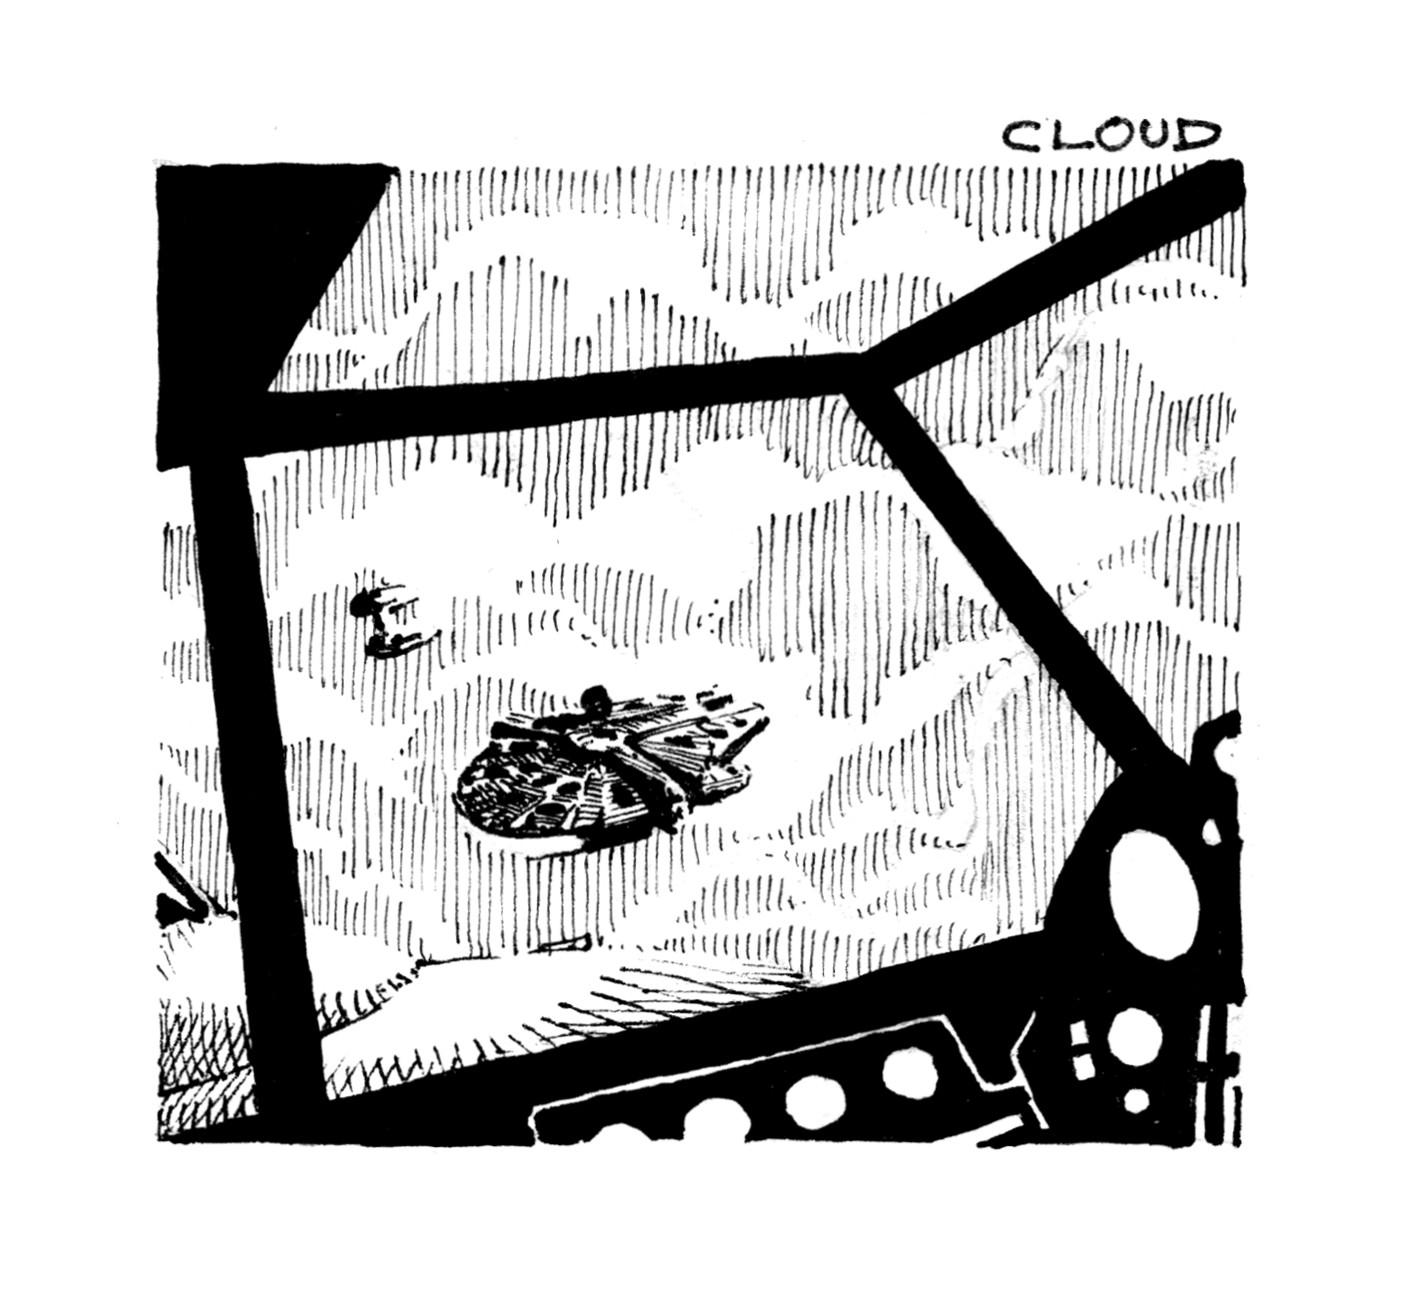 Midhat kapetanovic 19 cloud inktober2017